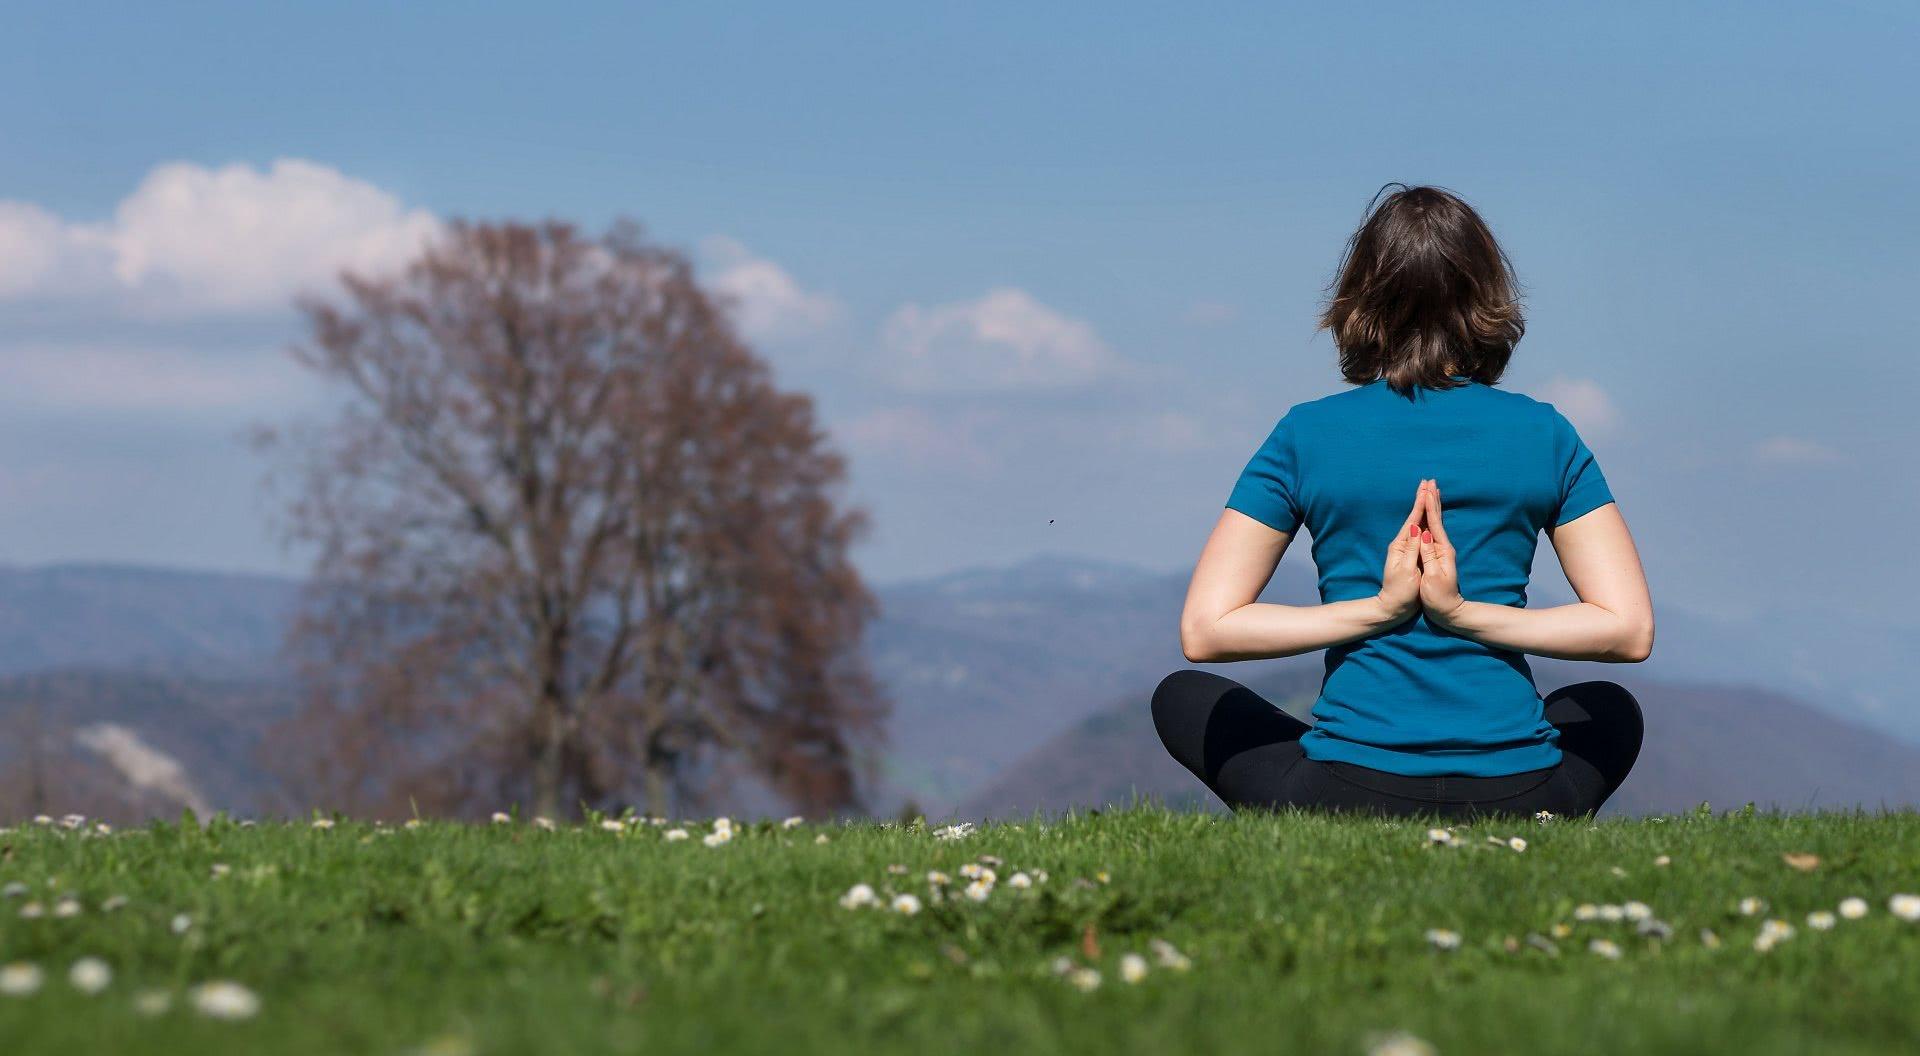 Giornata d'azione: Promuovere la salute mentale anche attraverso l'attività fisica